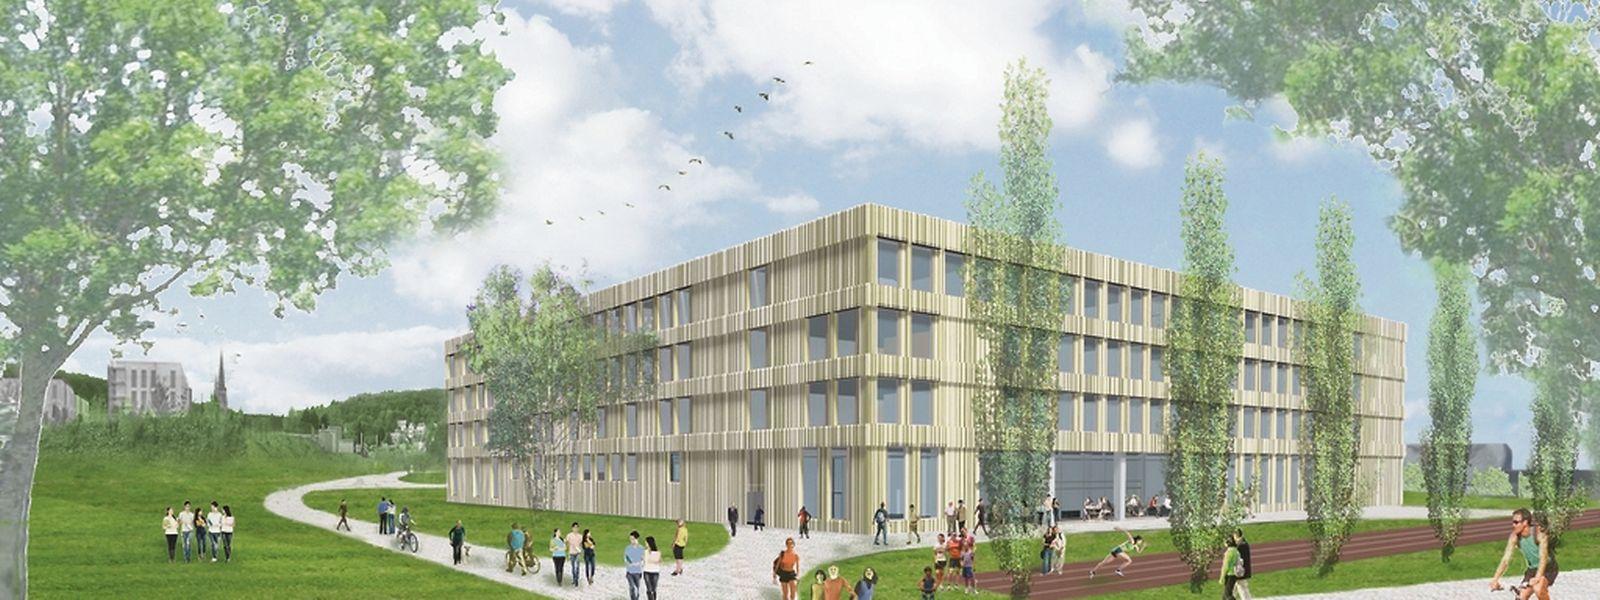 Die Baugenehmigung für den neuen Schulcampus wurde am Freitag unterschrieben.